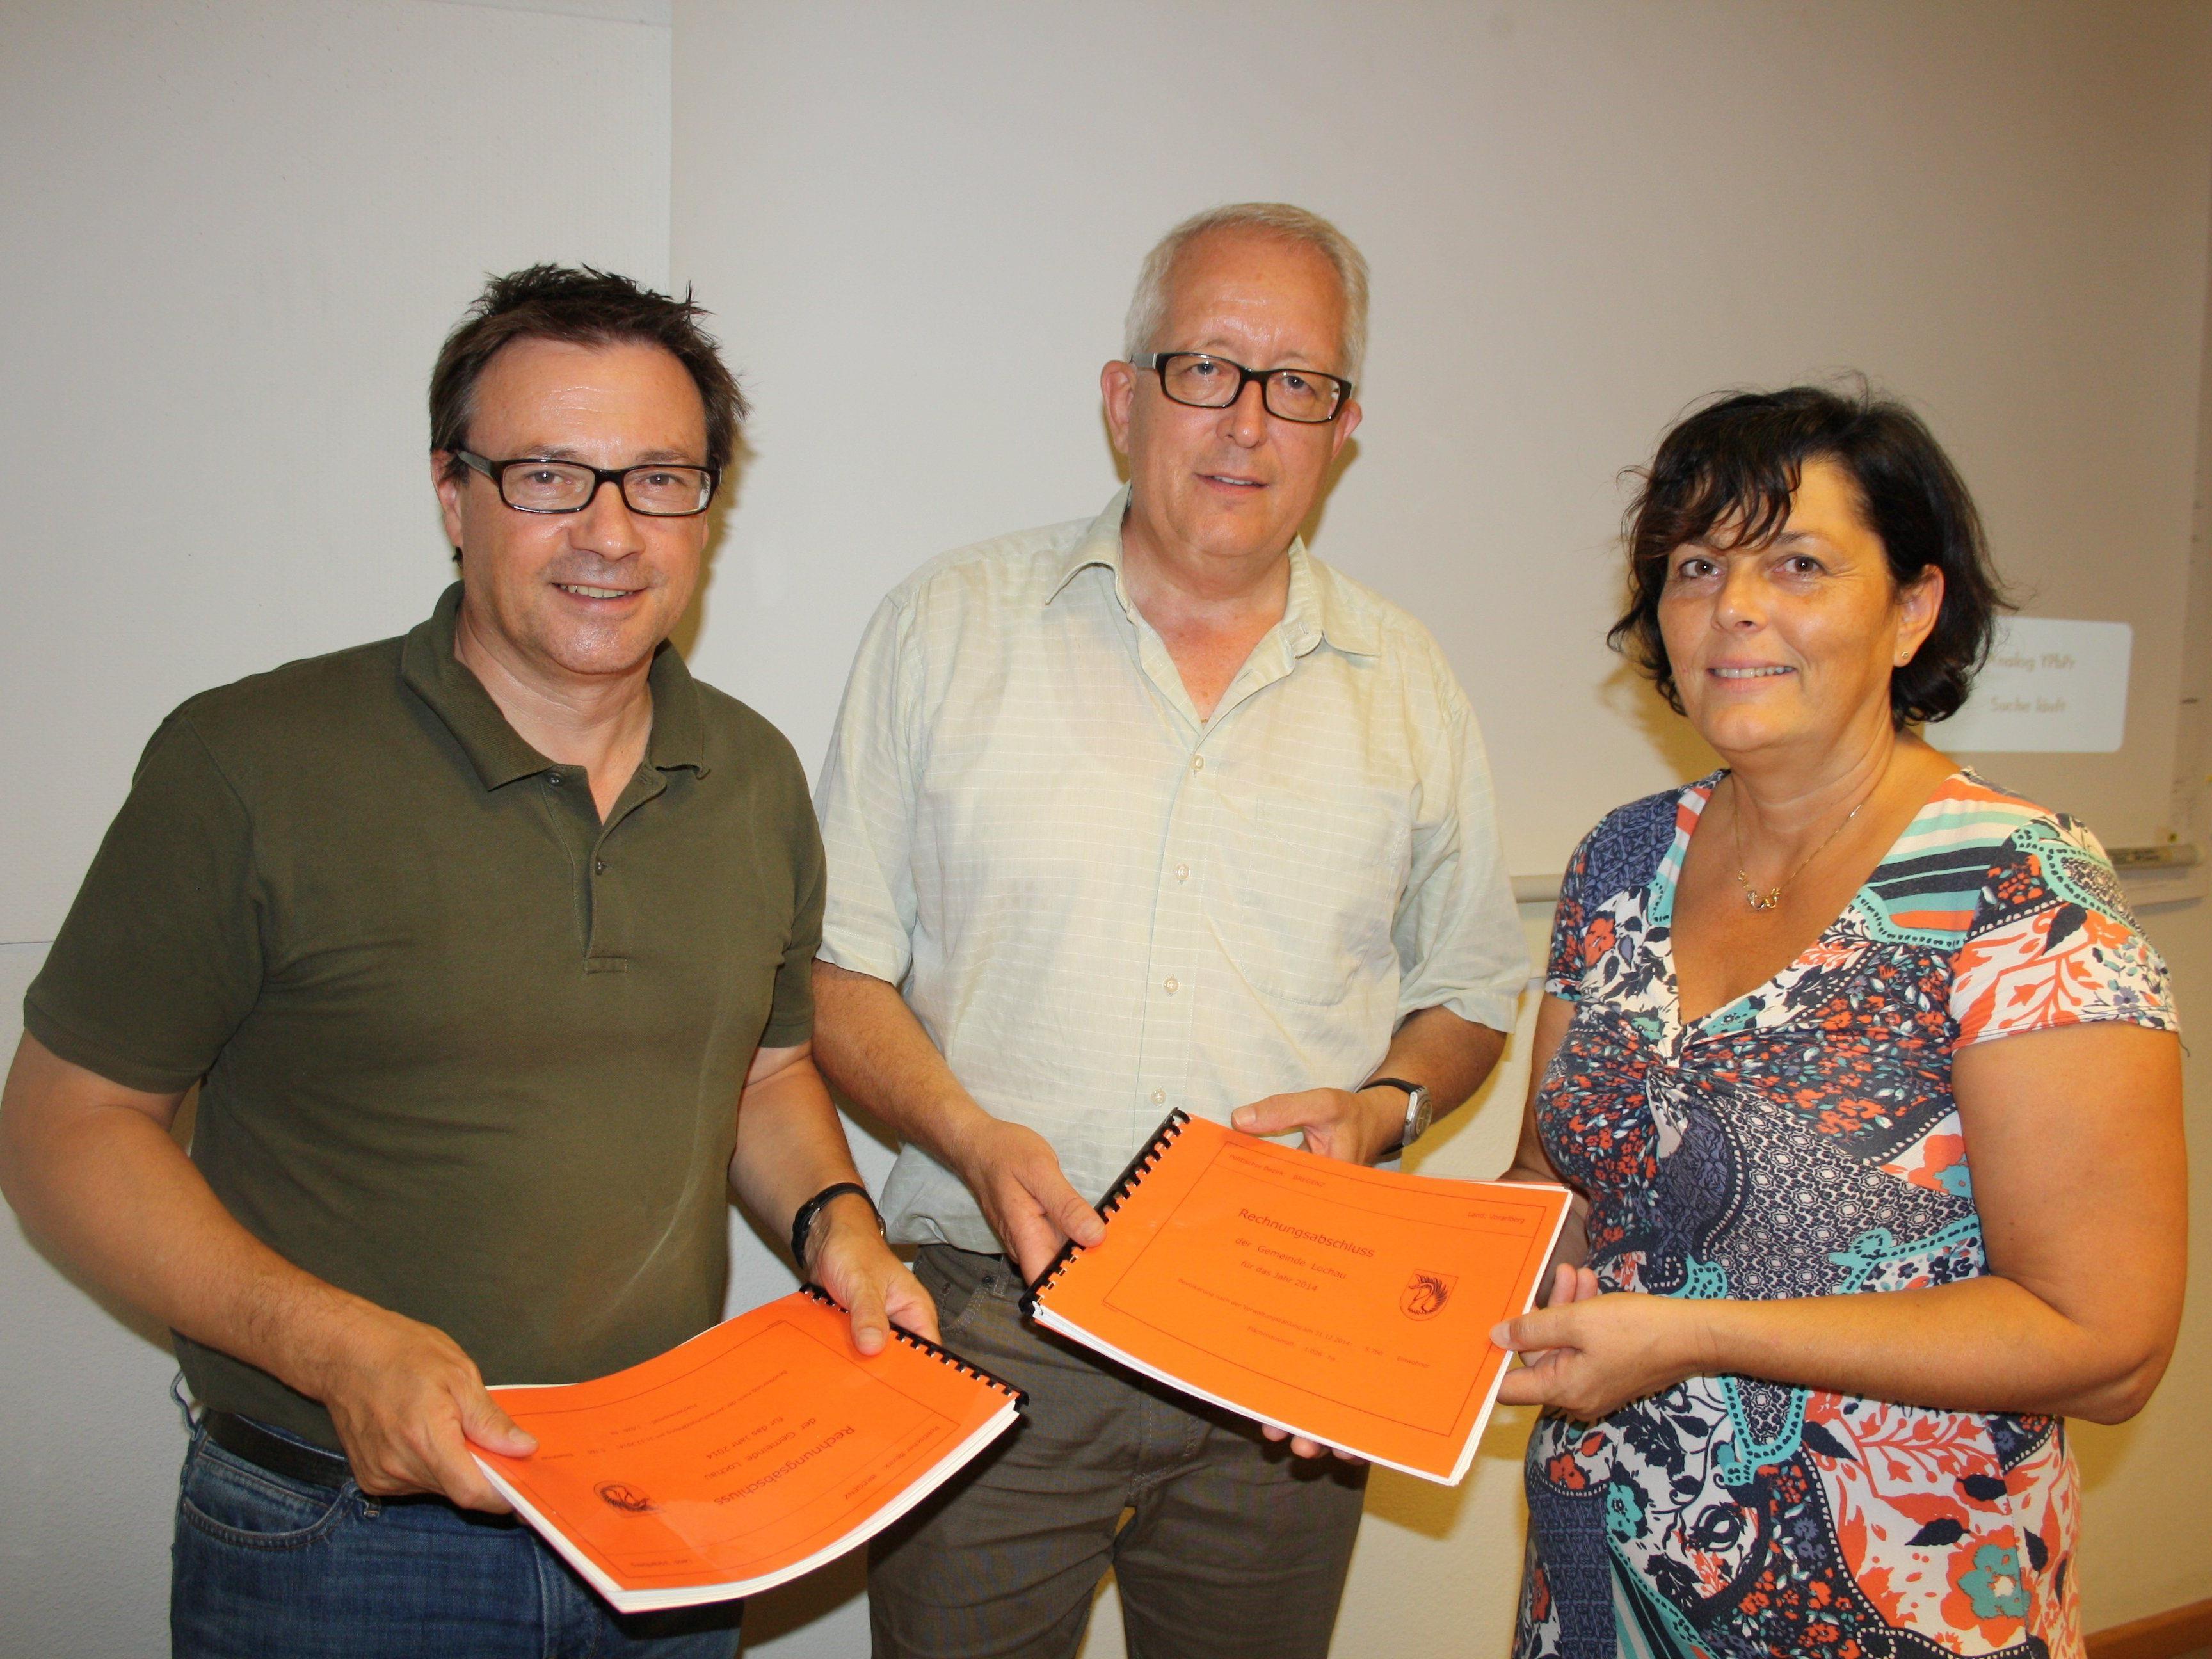 BU: Vizebürgermeister Christophorus Schmid, Bürgermeister und Finanzreferent Michael Simma sowie Aurelia Hutter als Leiterin der Finanzverwaltung der Gemeinde Lochau.